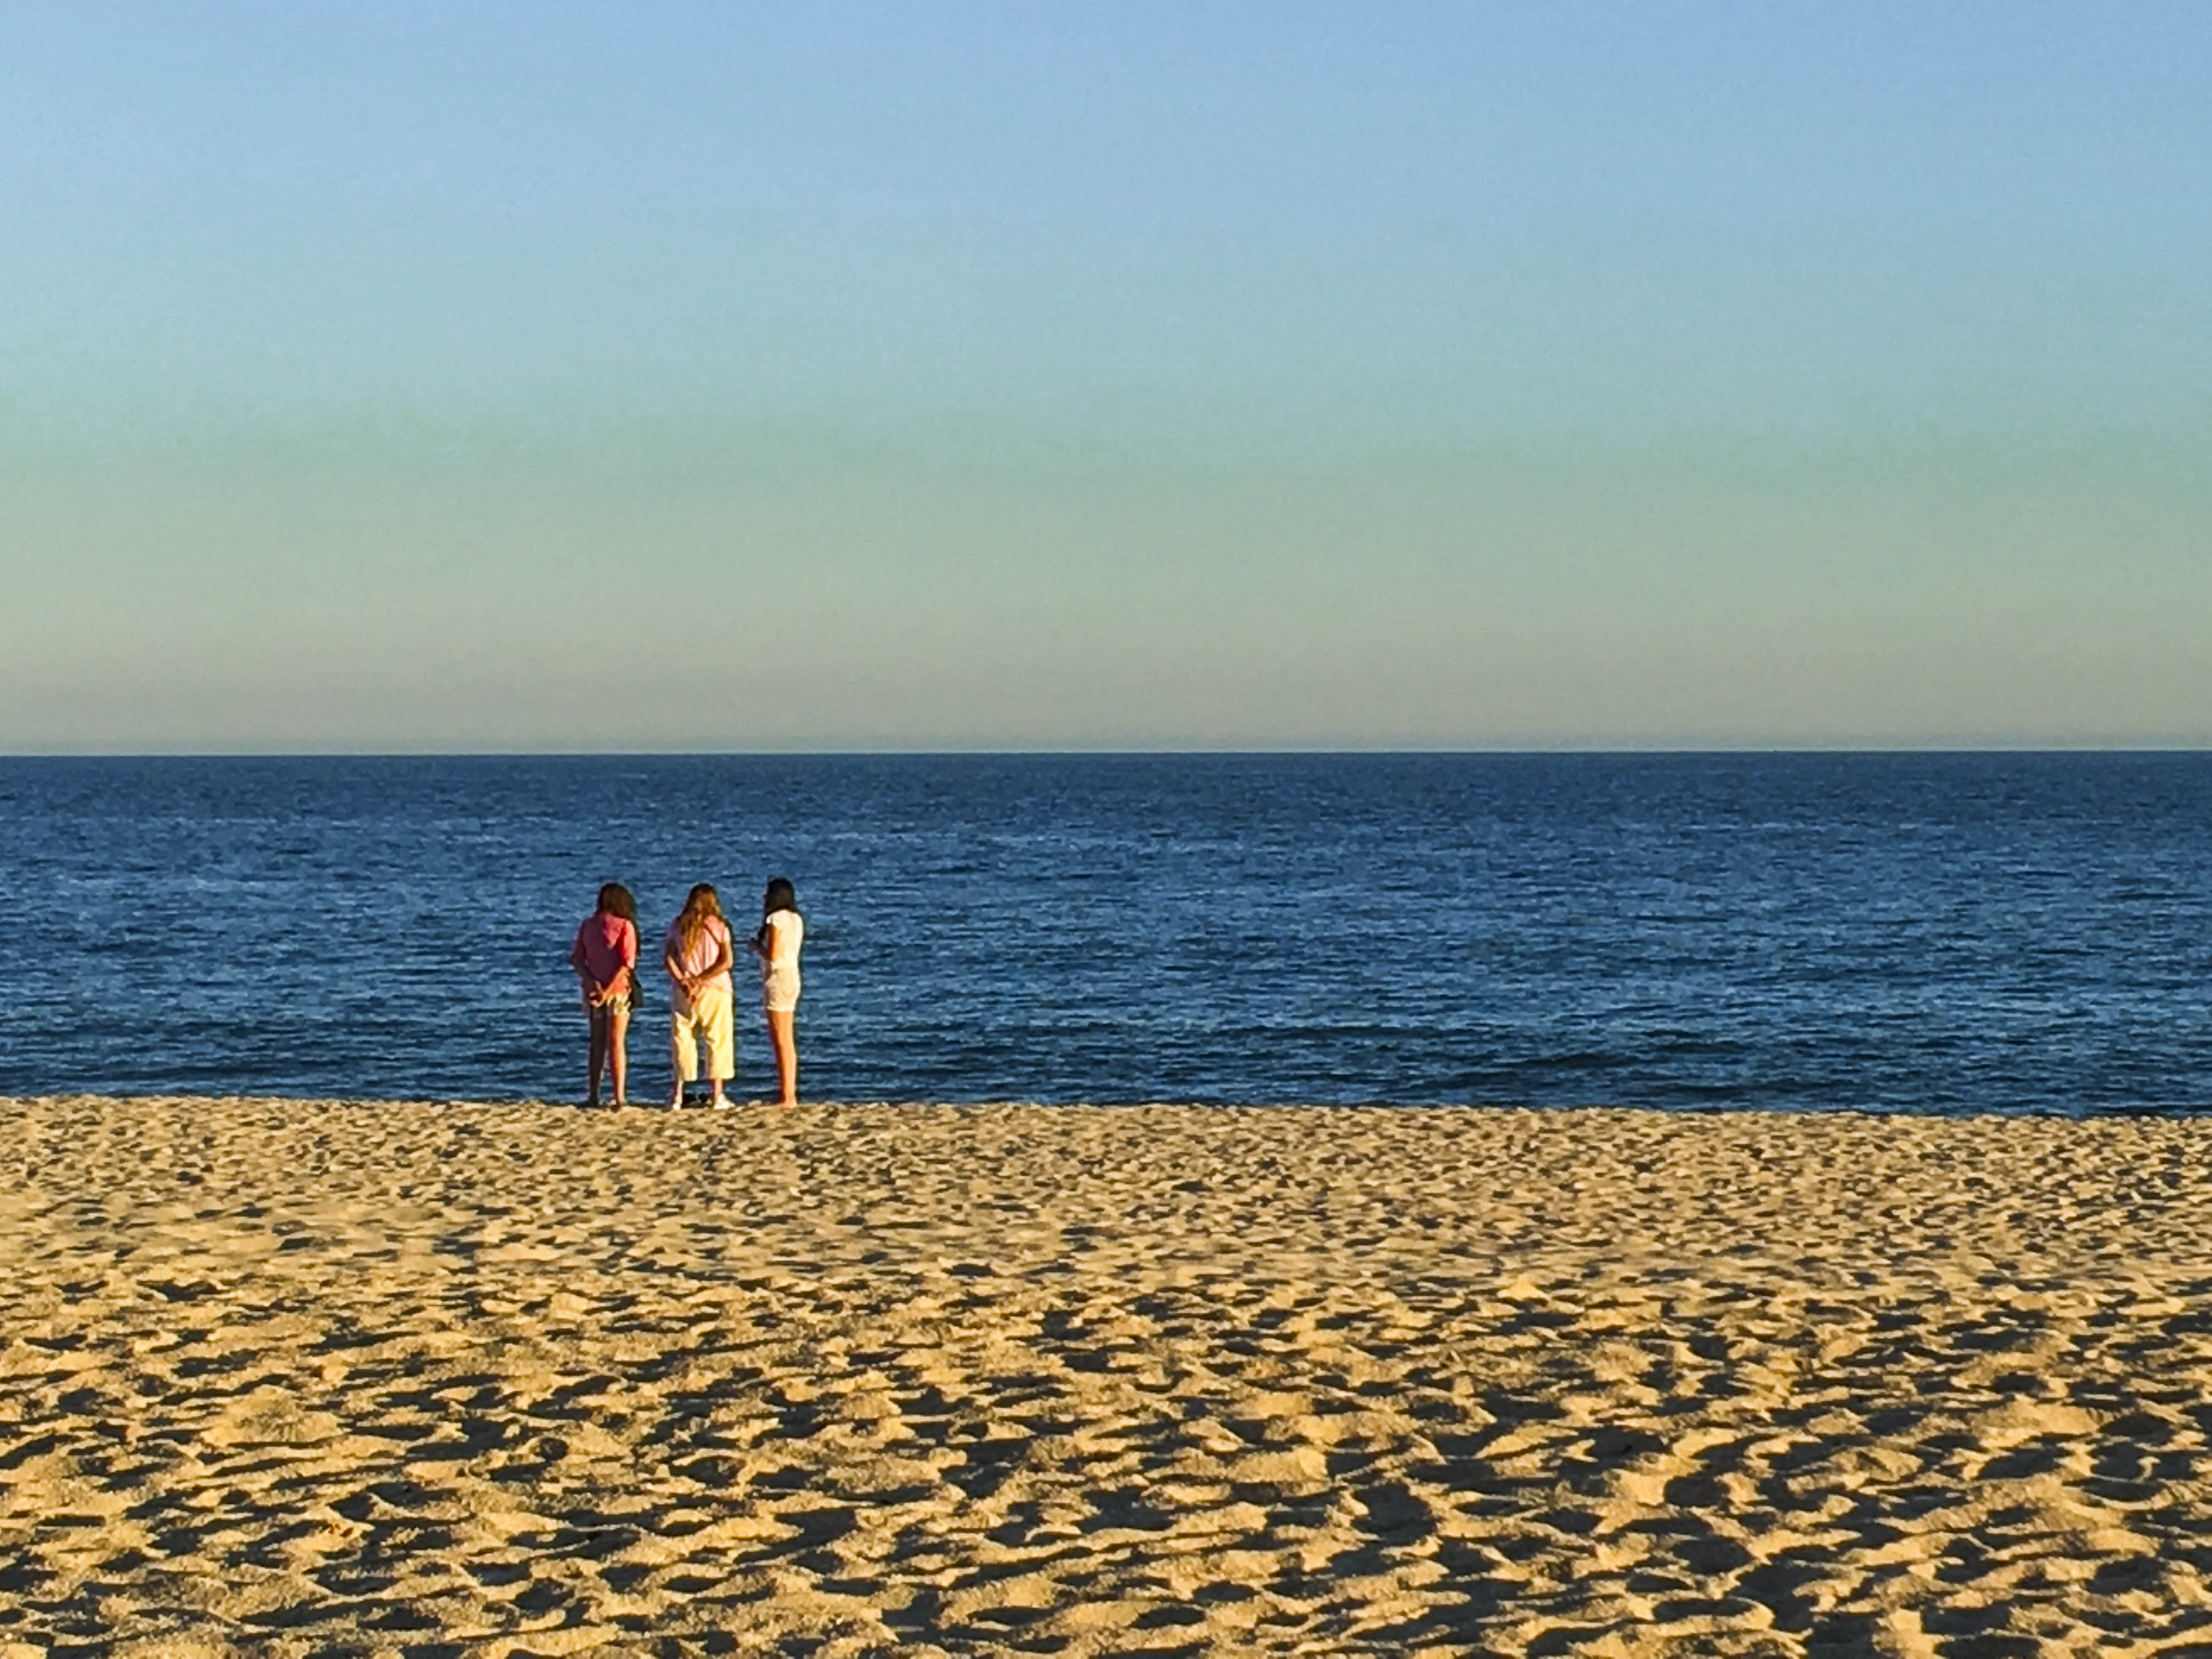 danto_solano_danto.solanoj@gmail.com_baja_california_sur_los_cabos_viaje_avion_vacaciones_aventura_21k_carrera_playa_atardecer_amanecer_el_arco_ballenas_7